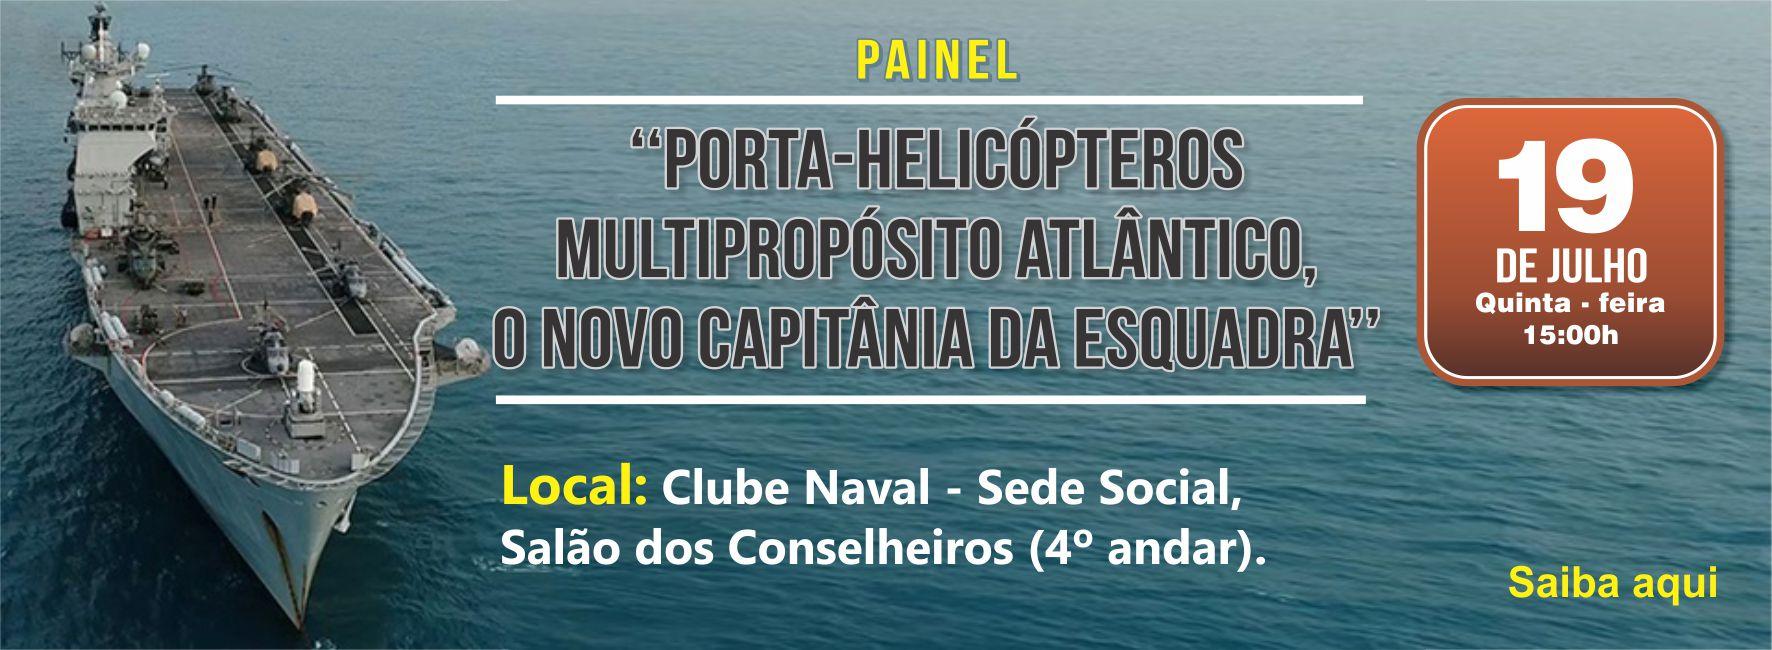 https://www.clubenaval.org.br/novo/painel-phm-atl%C3%A2ntico-emprego-operacional-e-capacidade-em-a%C3%A7%C3%B5es-aeronavais-do-novo-capit%C3%A2nia-de